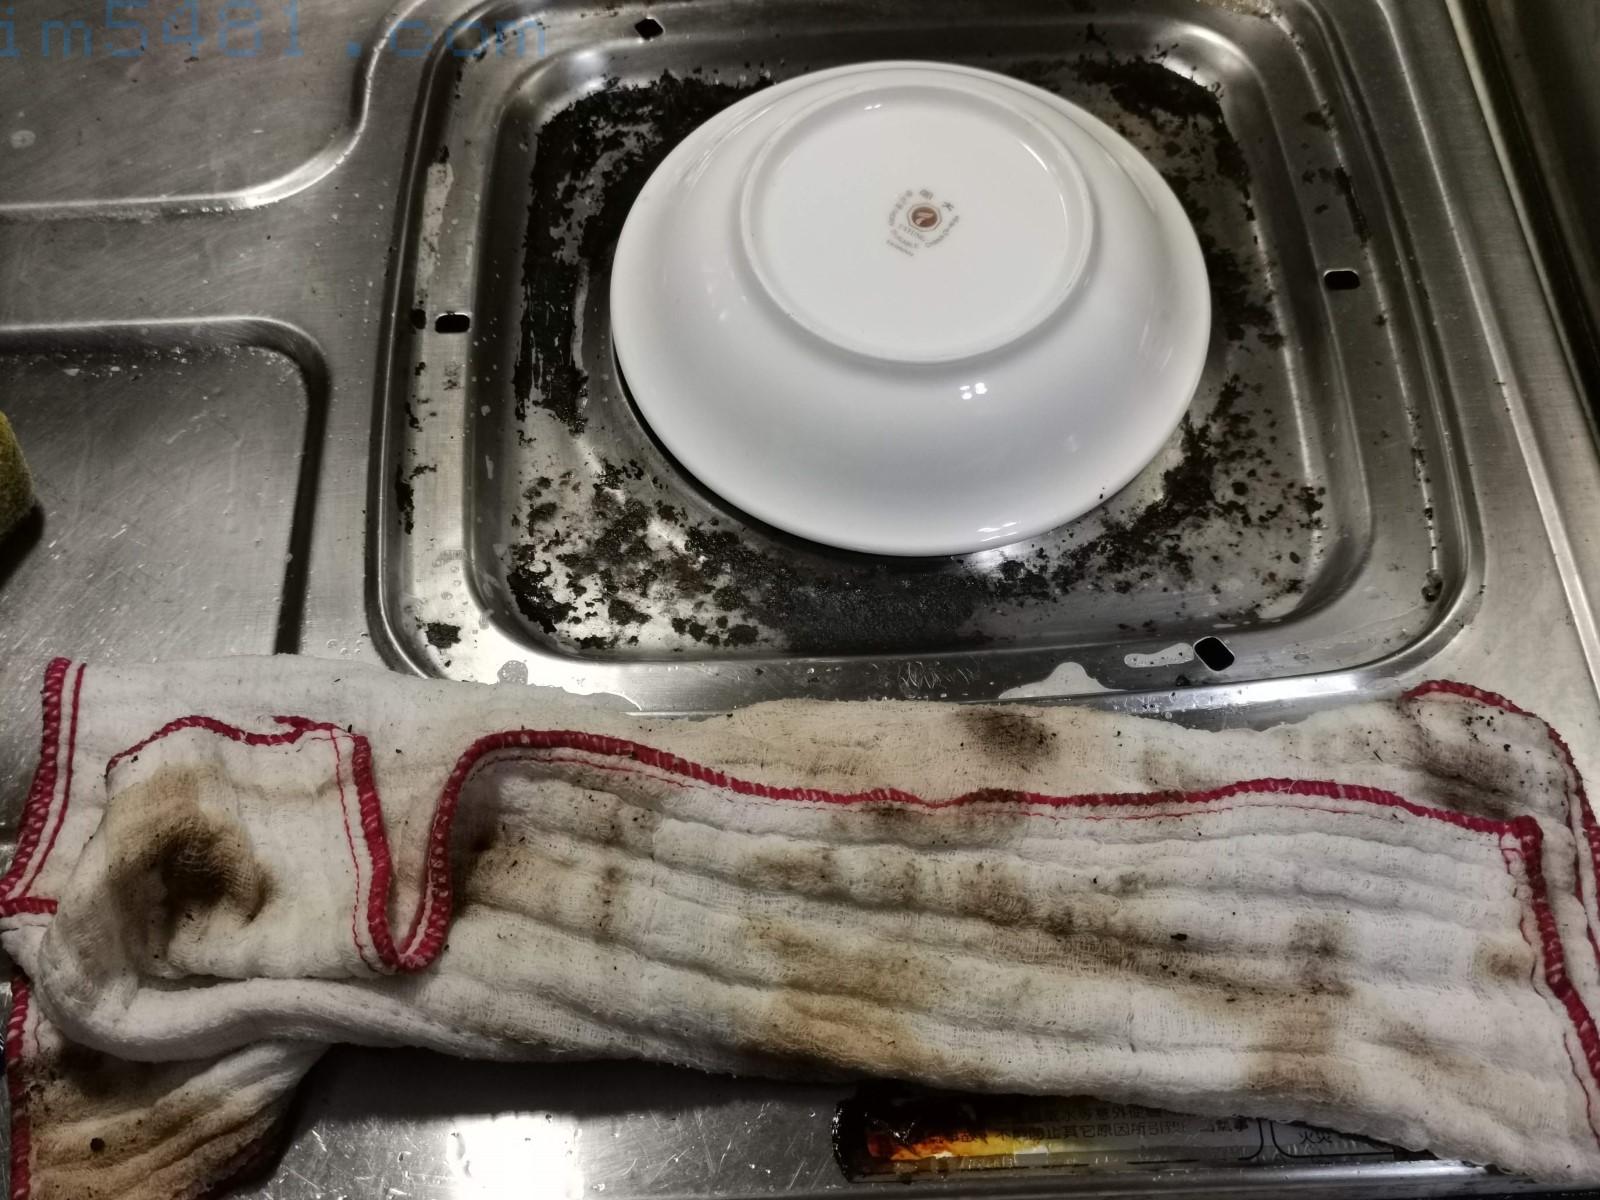 清理瓦斯爐的油垢用抹布就可以擦掉,整個抹布都是油垢